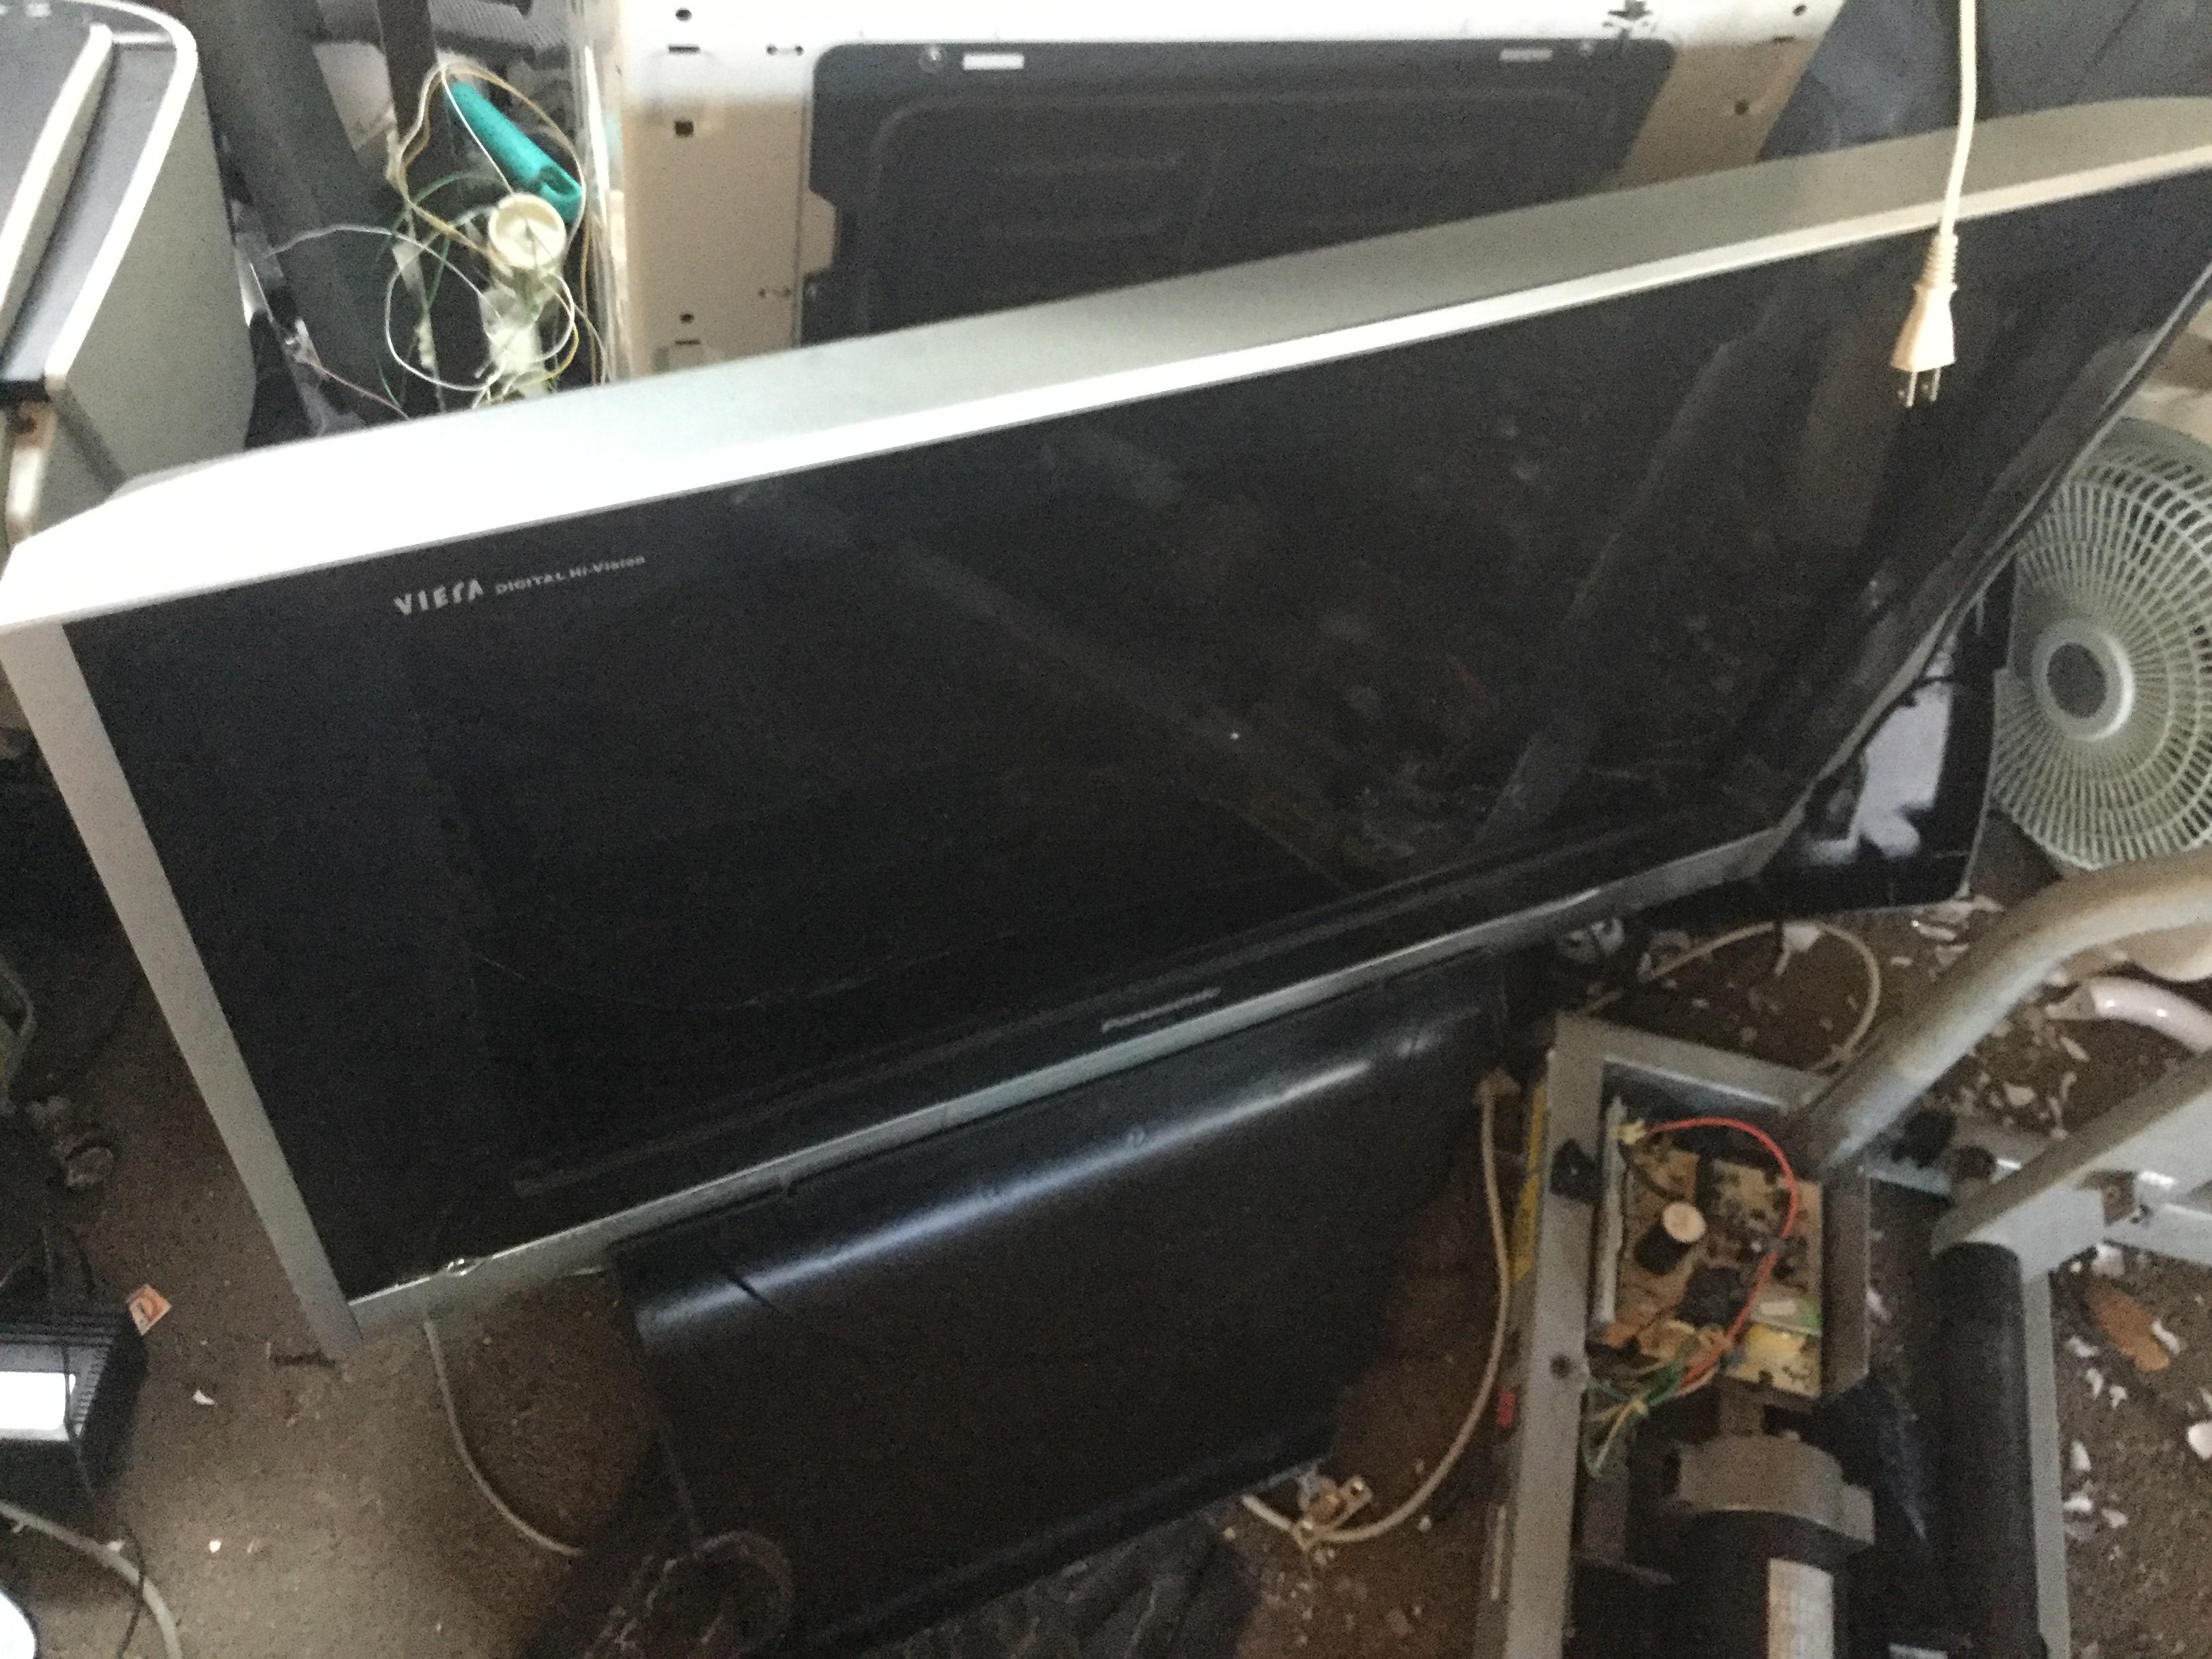 津山市で不用品回収した液晶テレビ